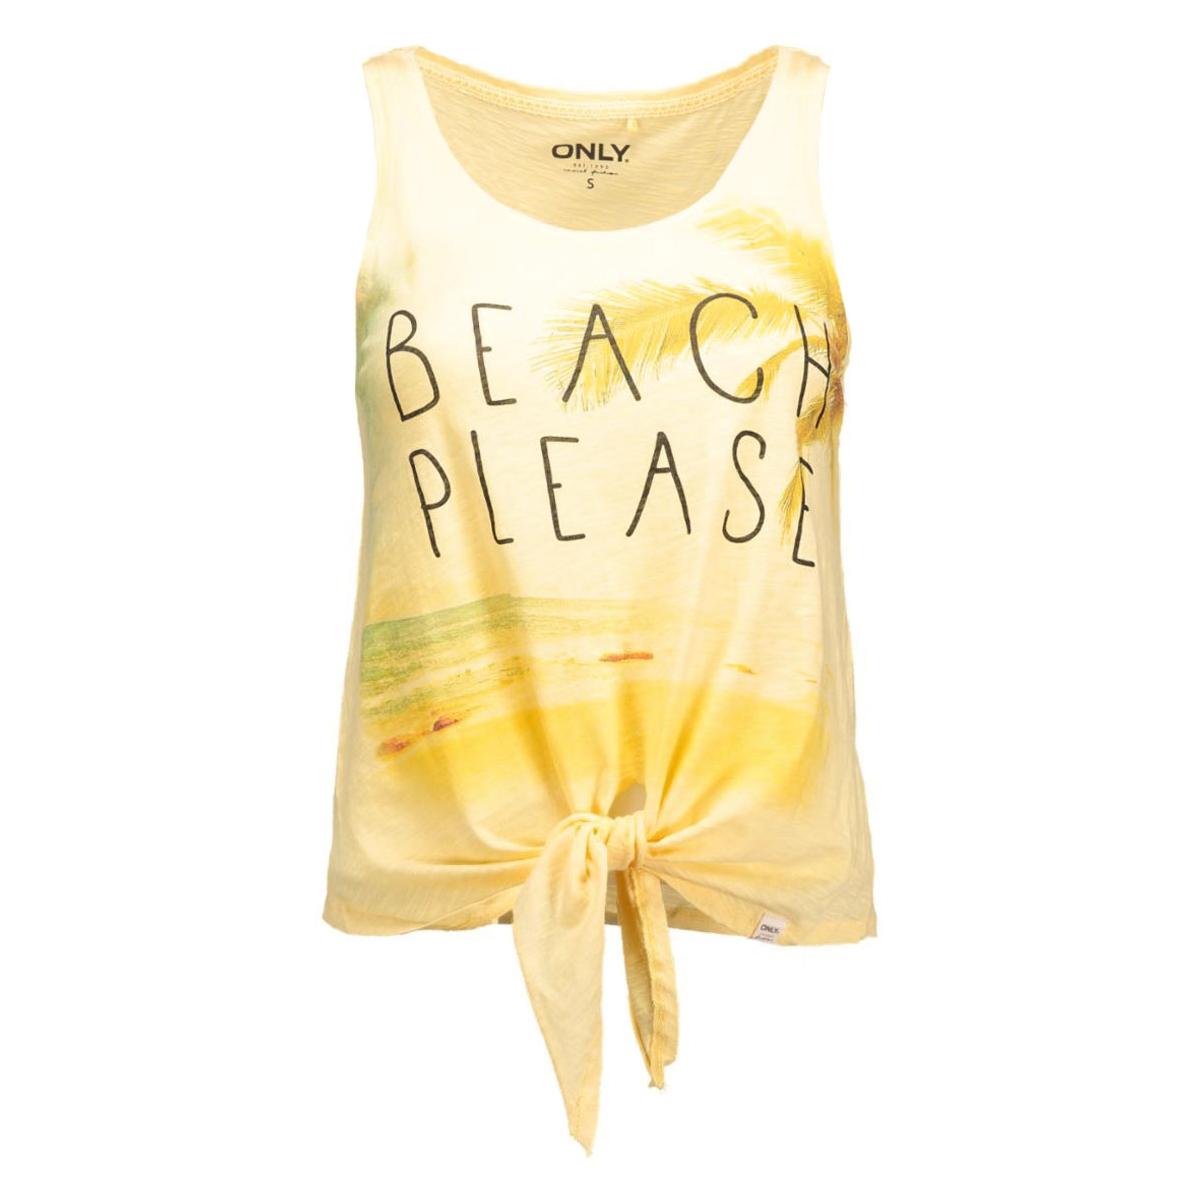 onlbone beach/relax knot top 15117620 only top